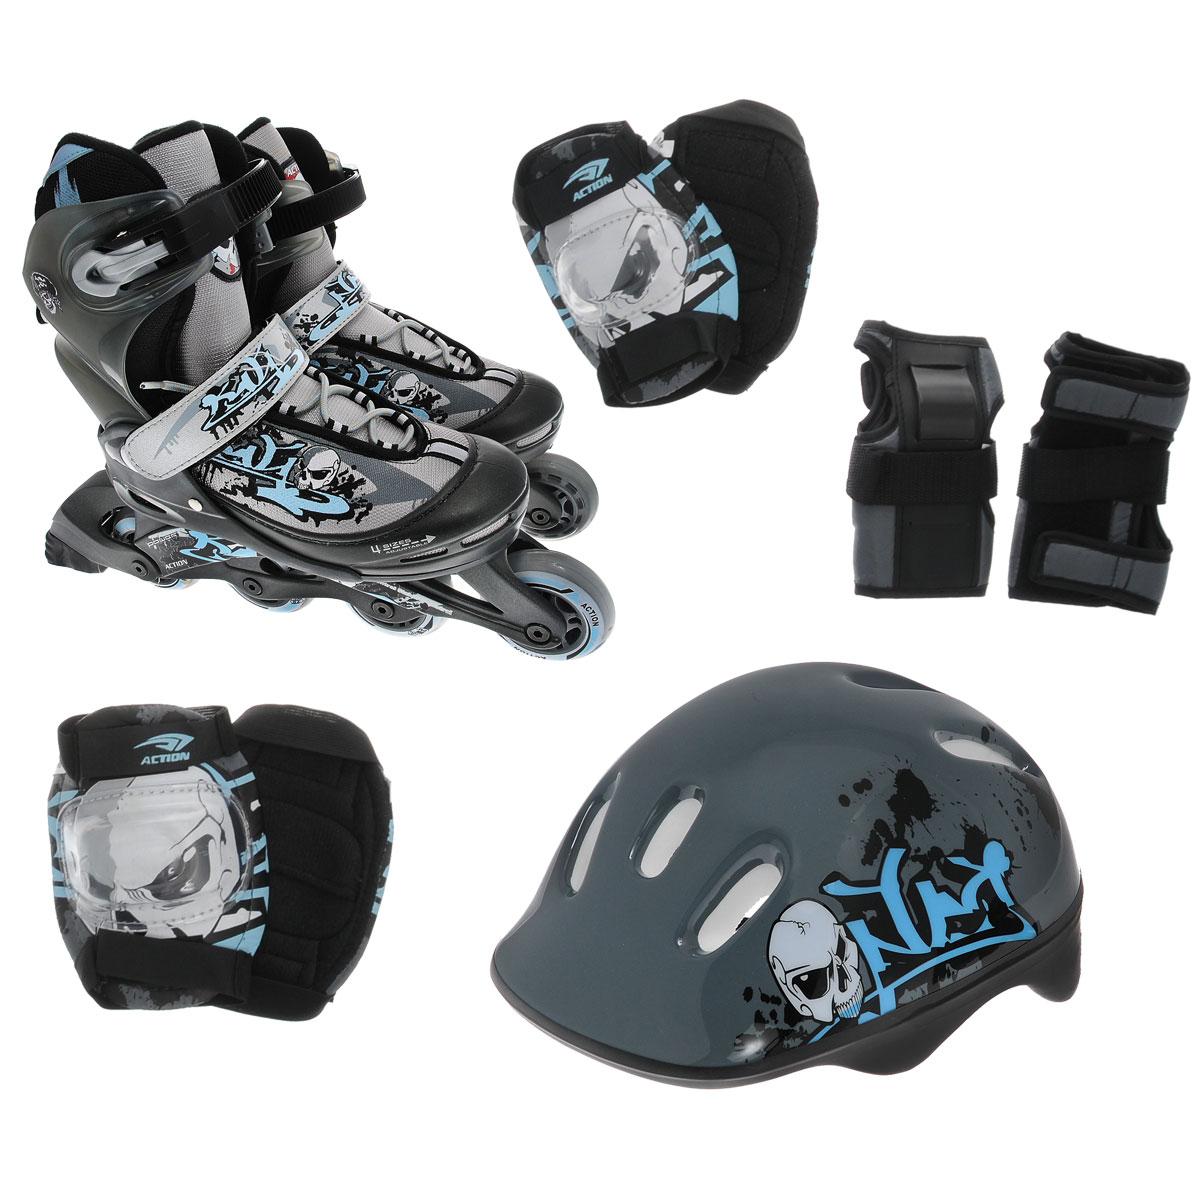 """Набор """"Action"""": коньки роликовые, защита, шлем, цвет: серый, голубой. PW-117С. Размер 30/33"""